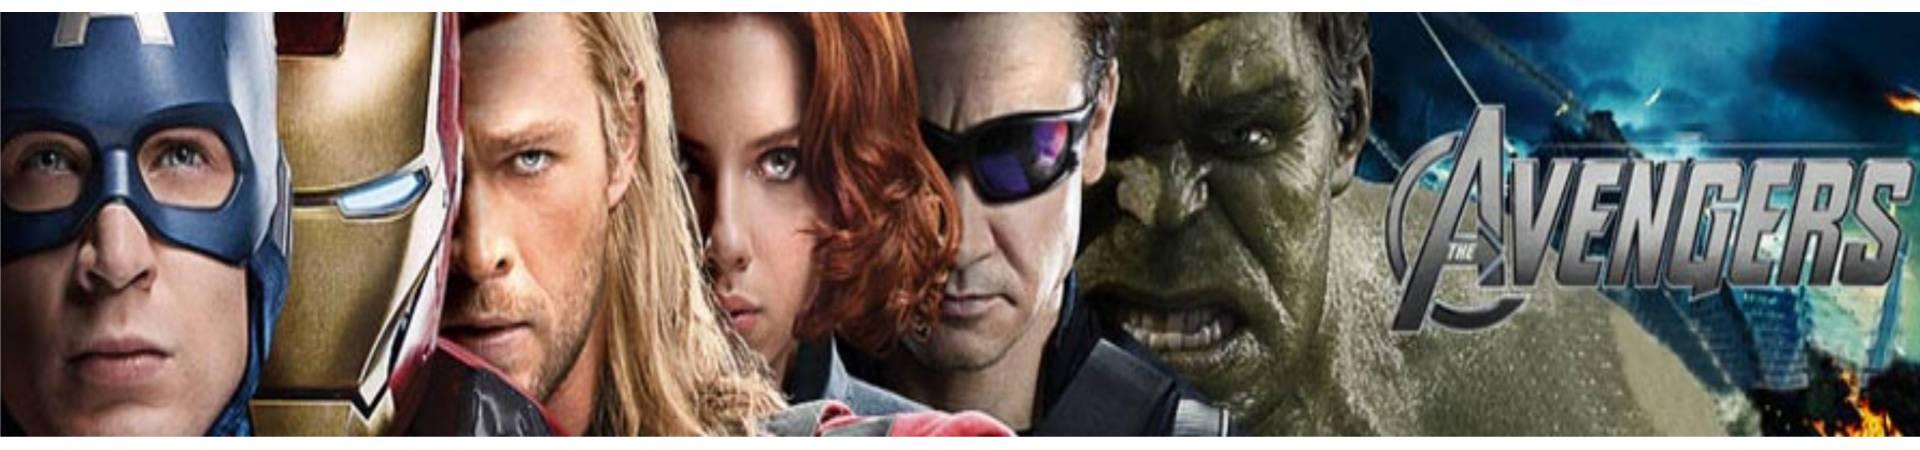 Marvel superheros